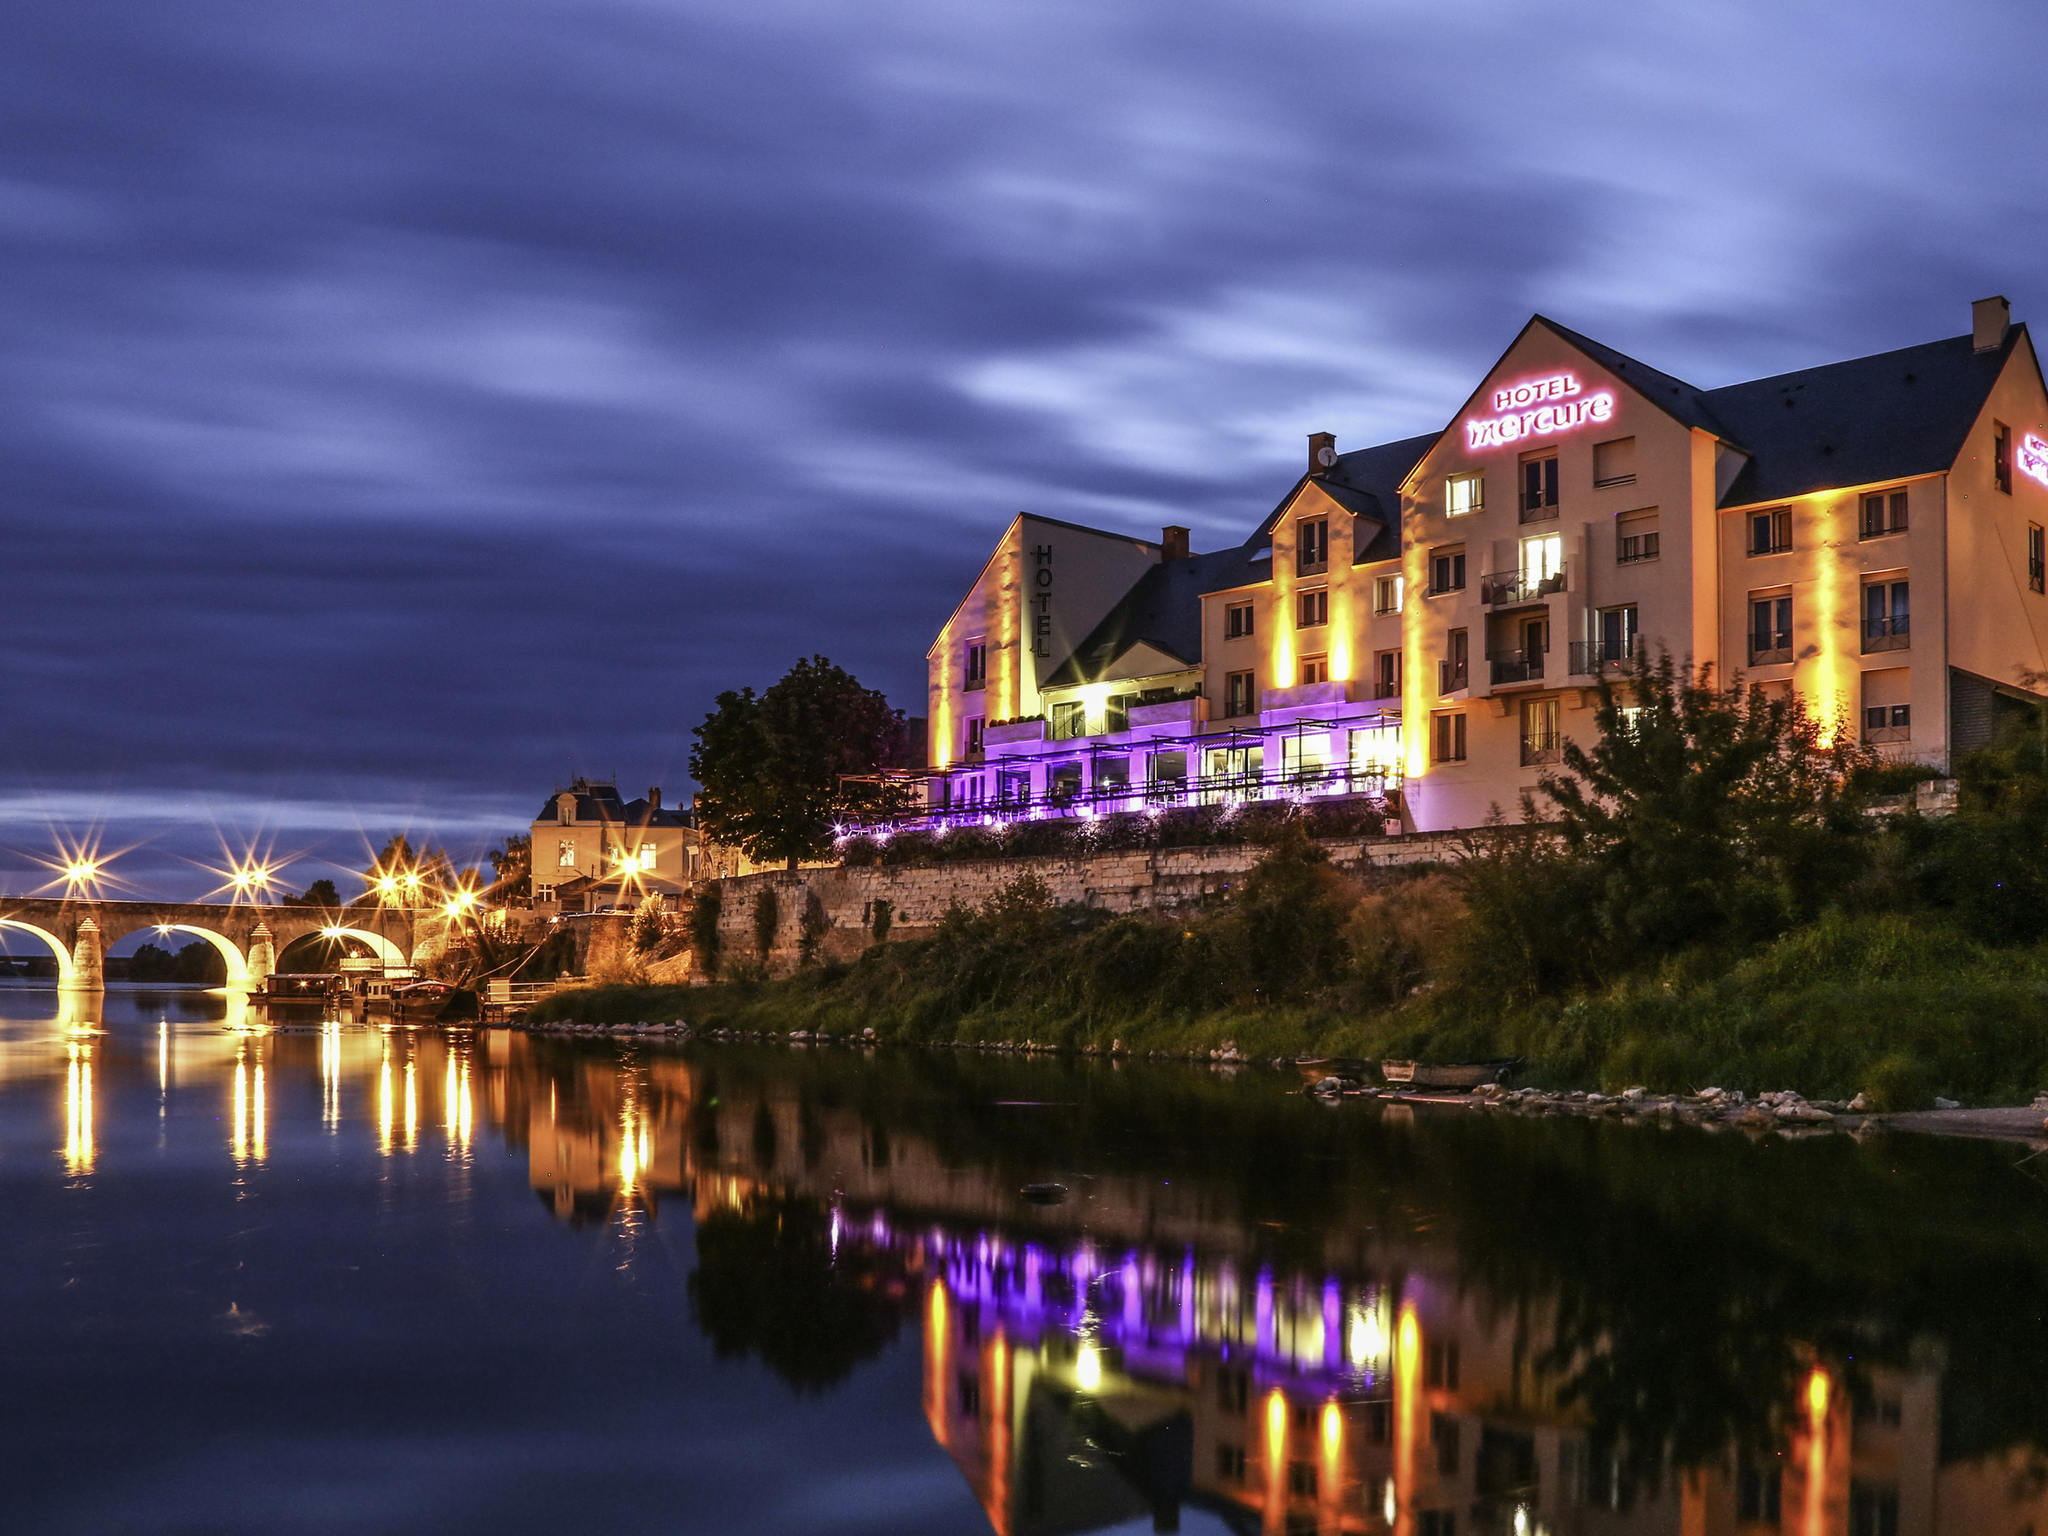 ホテル – Hôtel Mercure Bords de Loire Saumur